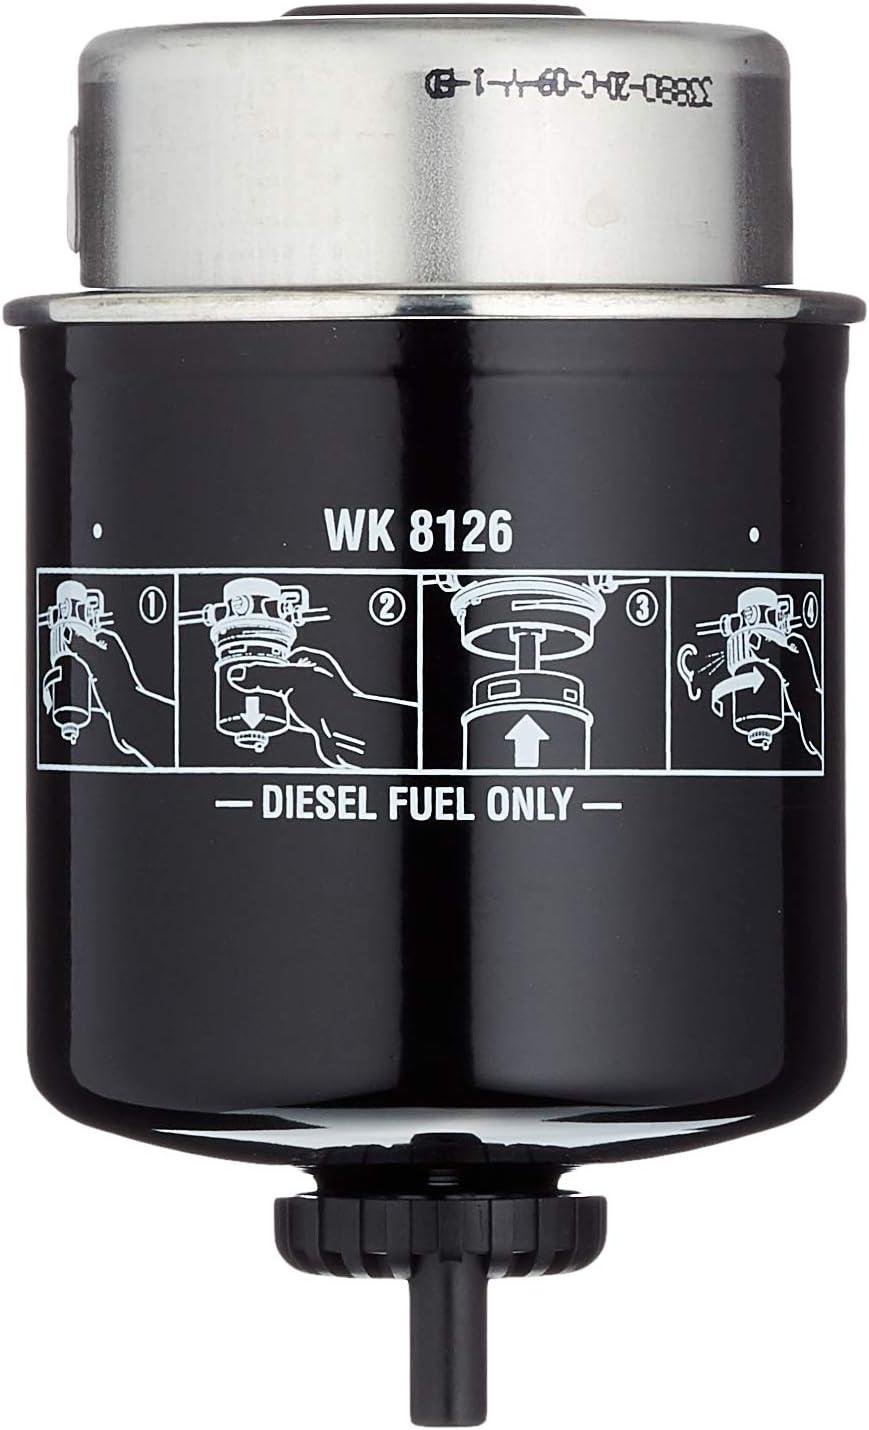 Original Mann Filter Kraftstofffilter Wk 8126 Für Nutzfahrzeug Auto